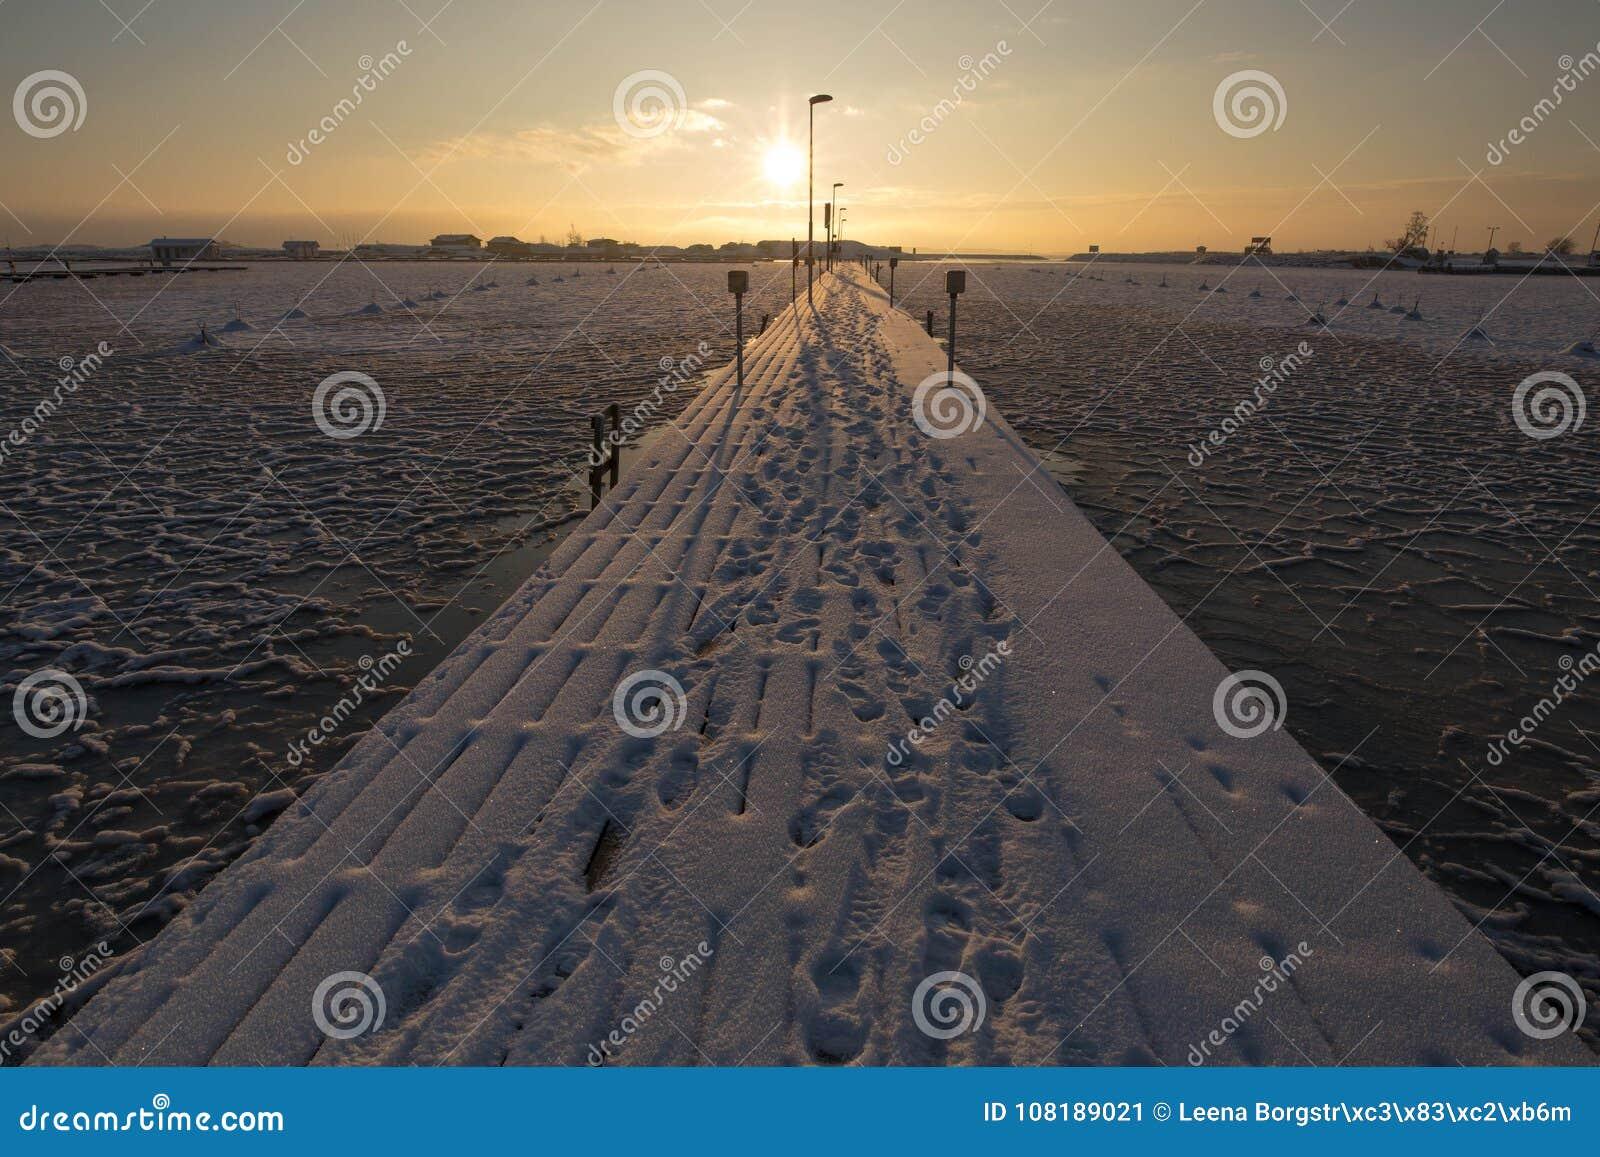 Zima zmierzch plażą, lodowy szkic